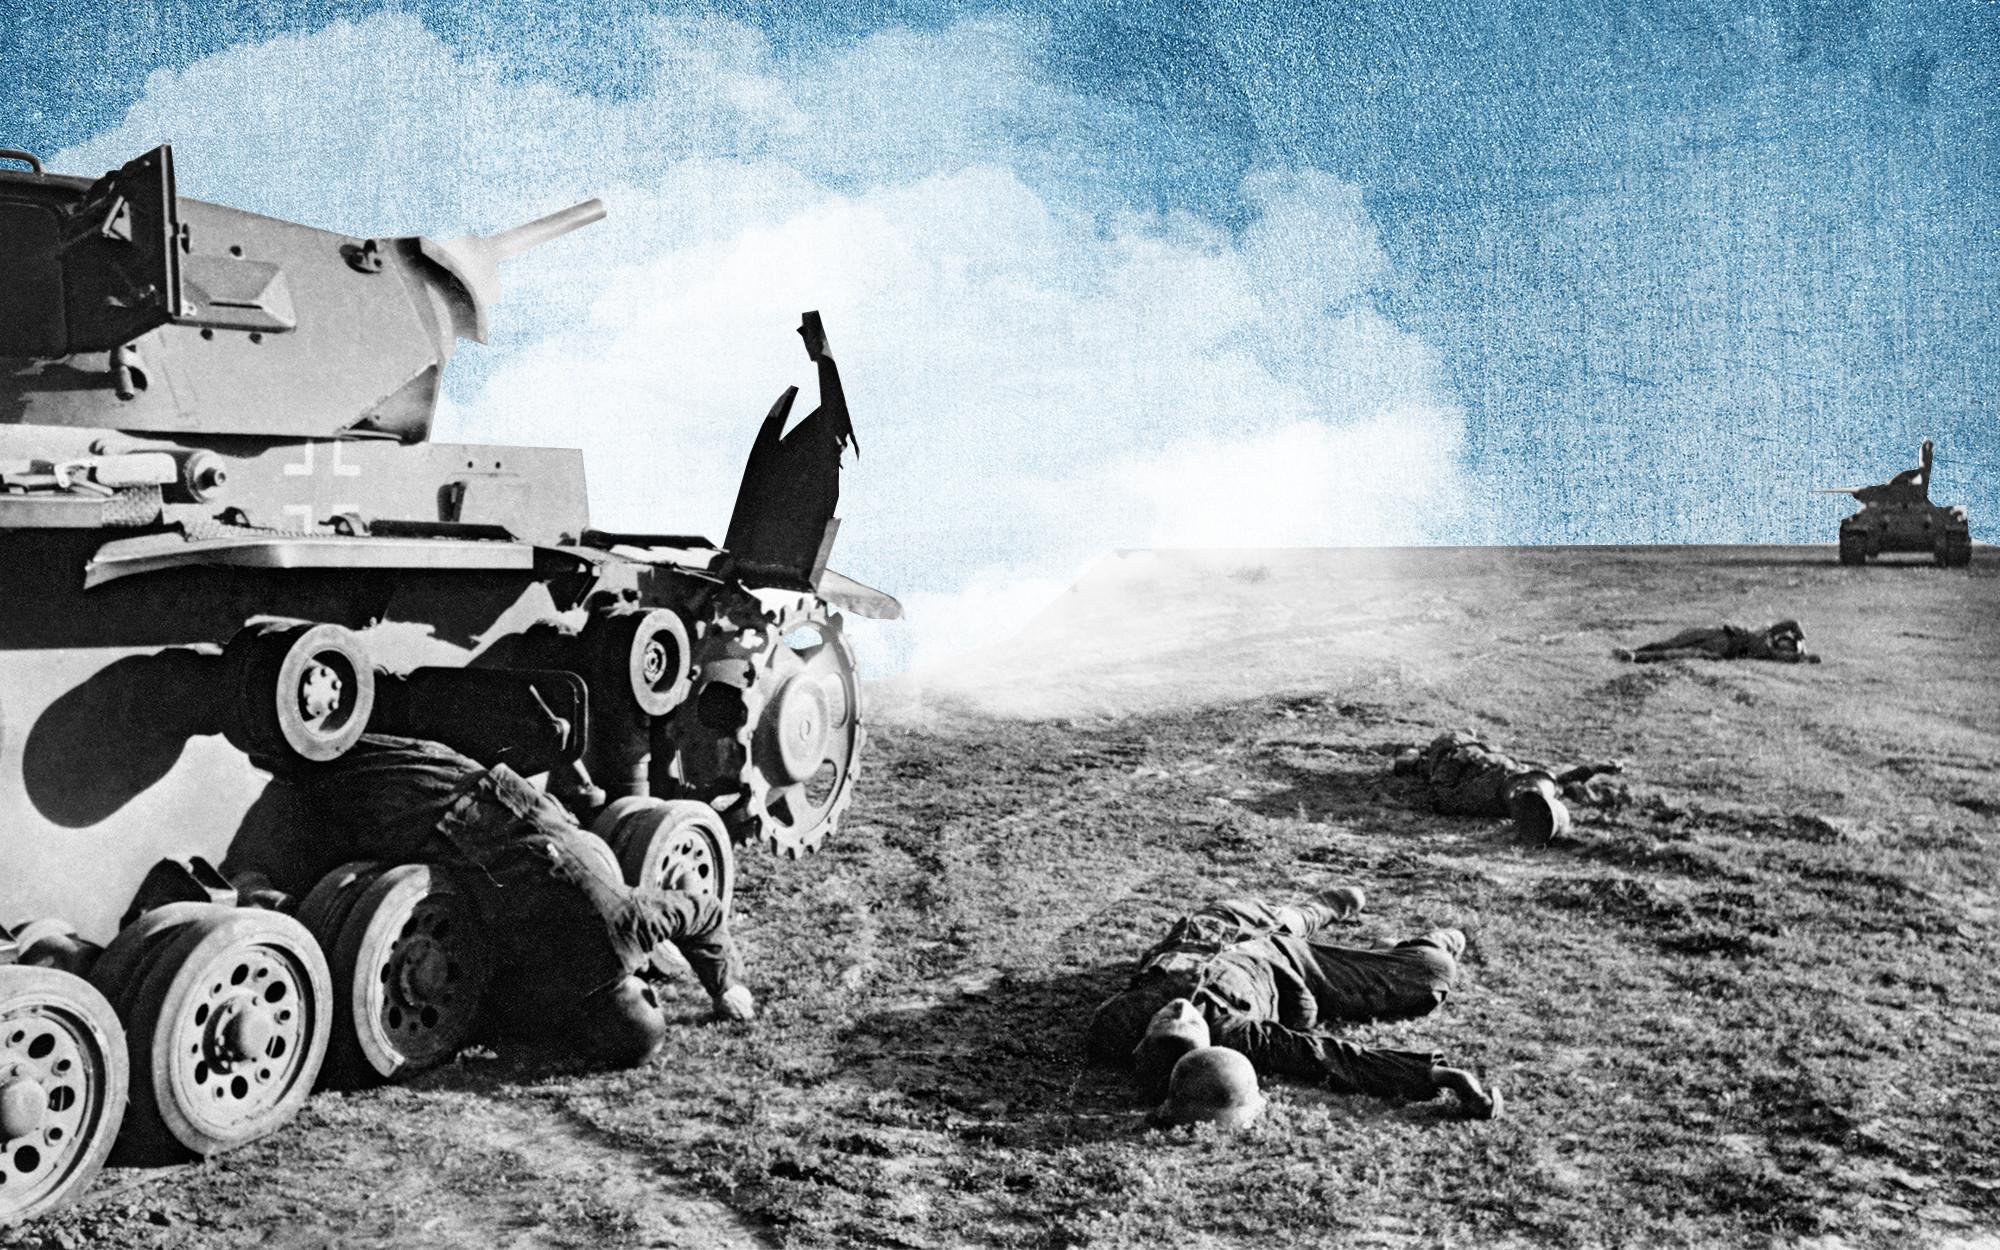 Танковые бои под Сталинградом.Подбитый немецкий средний танк Pz.Kpfw. III, погибшие немецкие танкист и пехотинцы после атаки. Коллаж © L!FE. Фото: © РИА Новости / Георгий Зельма